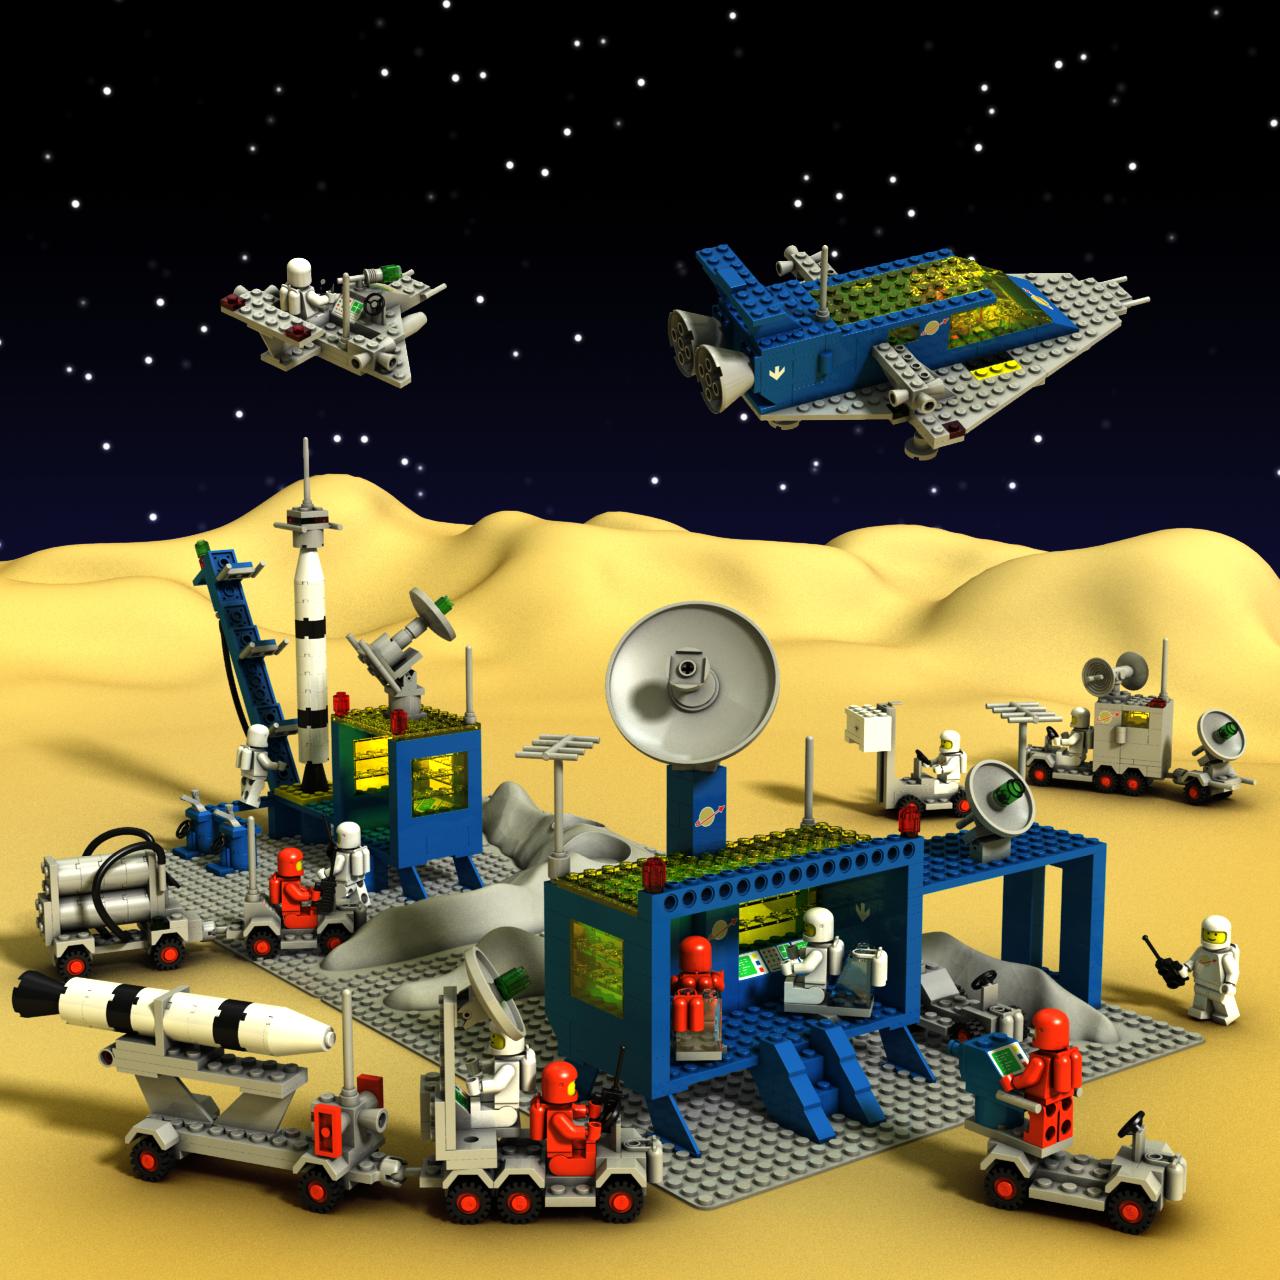 lego classic space scene 1zpaolo on deviantart